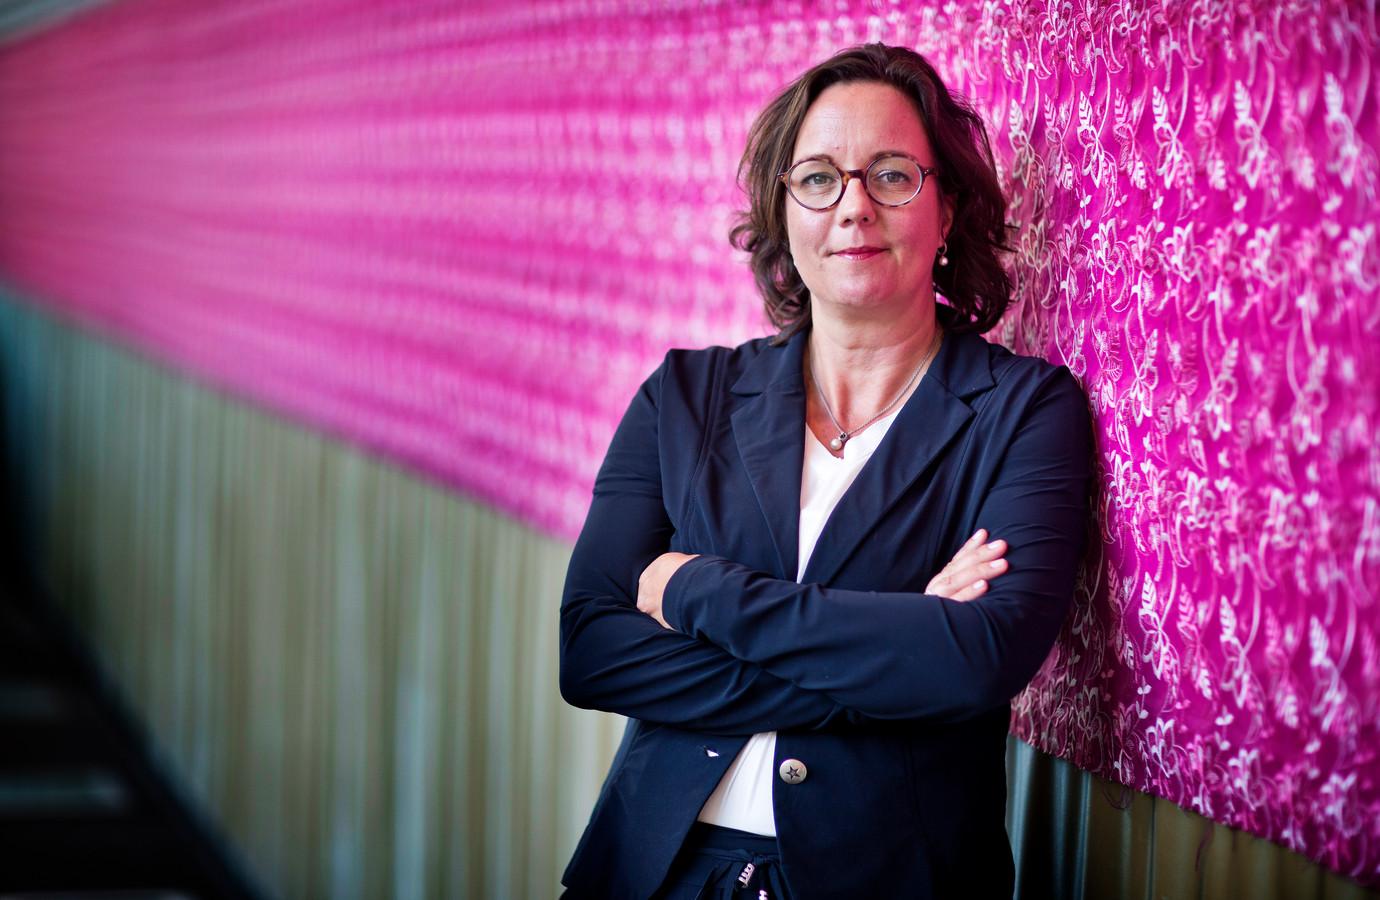 Staatssecretaris Tamara van Ark  van Sociale Zaken en Werkgelegenheid.